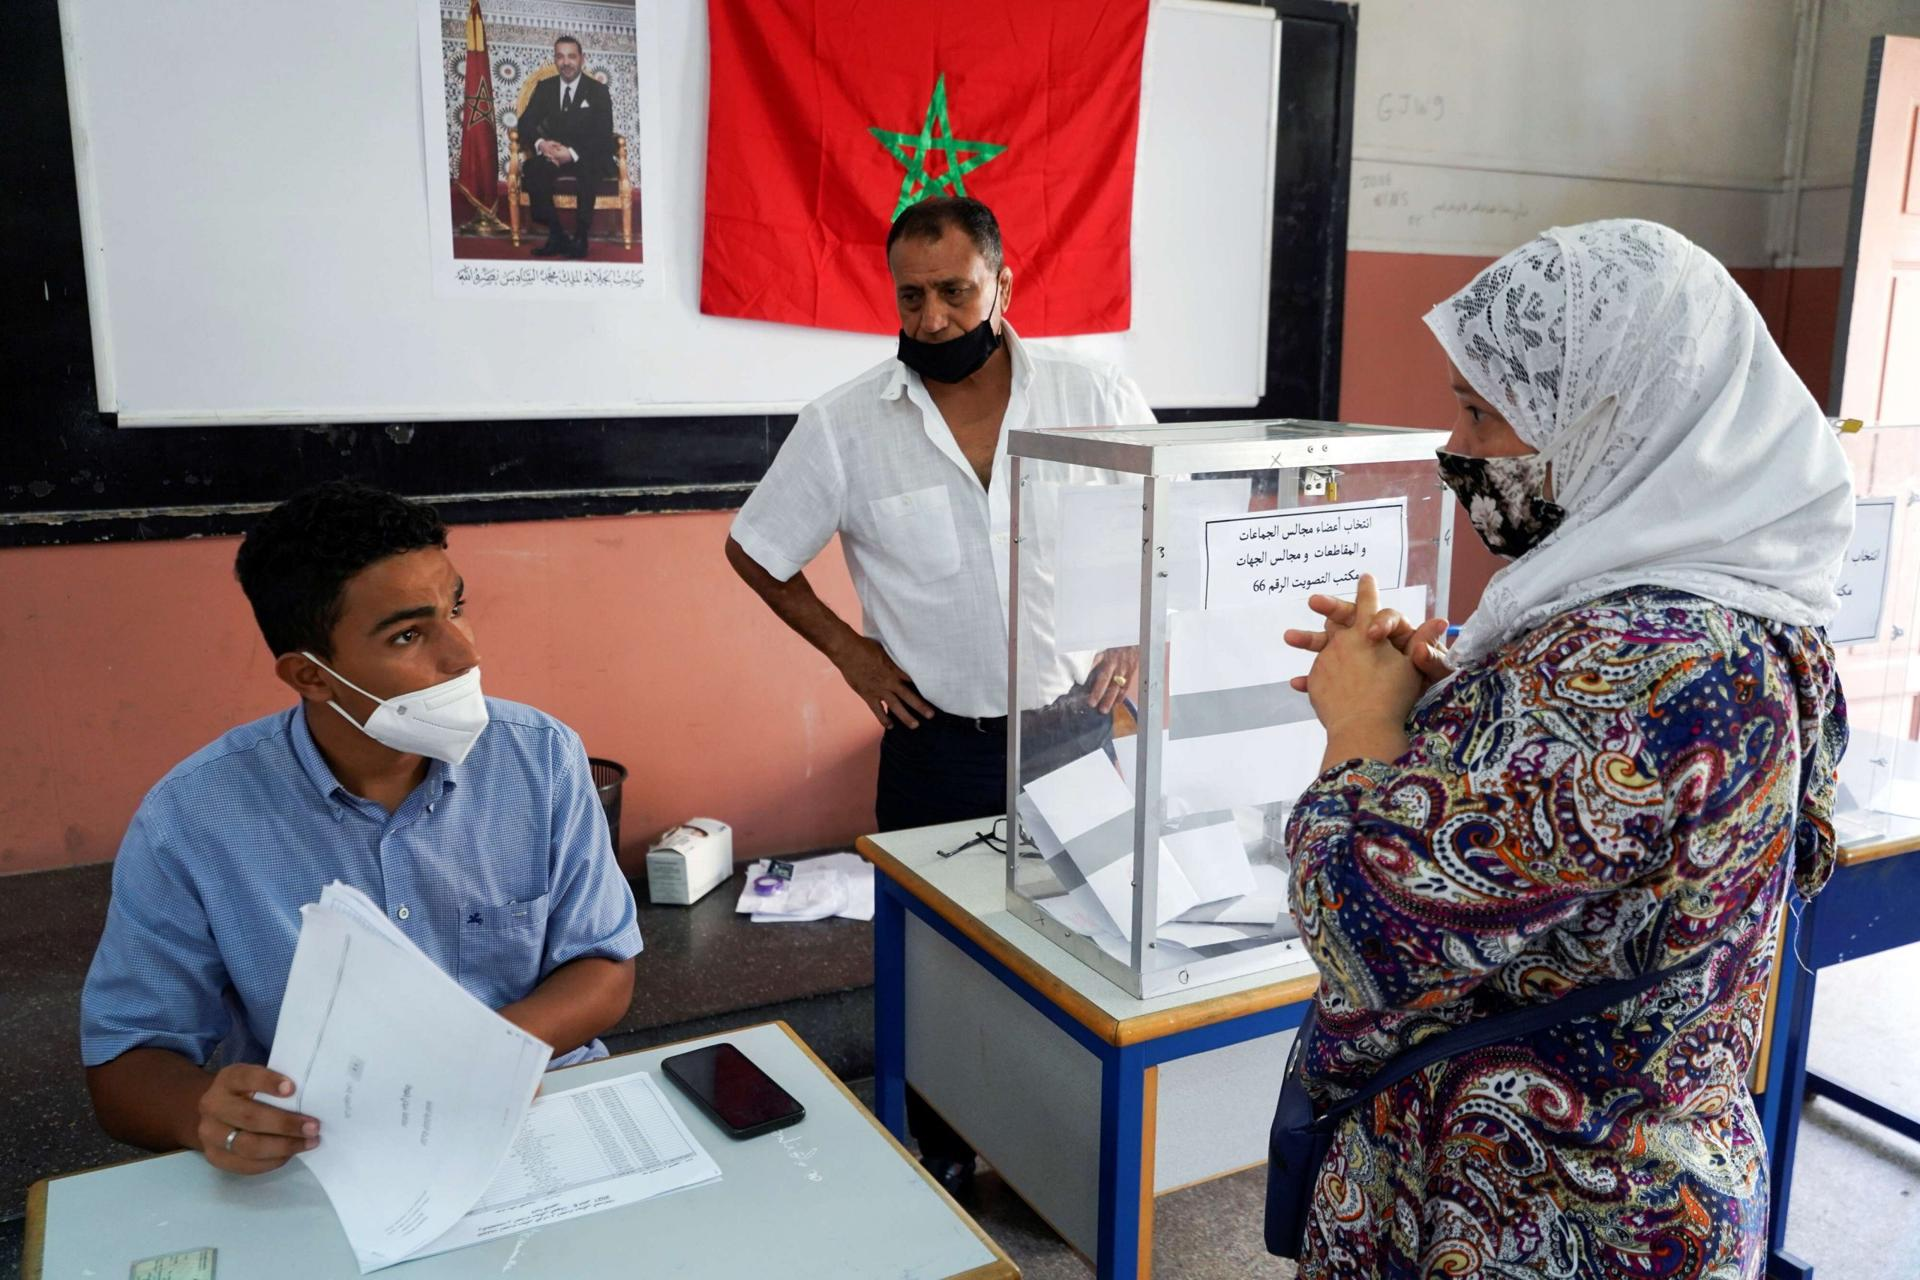 بعد أكبر هزيمة انتخابية في تاريخ المغرب.. هذه هي أسباب التصويت العقابي ضد العدالة والتنمية